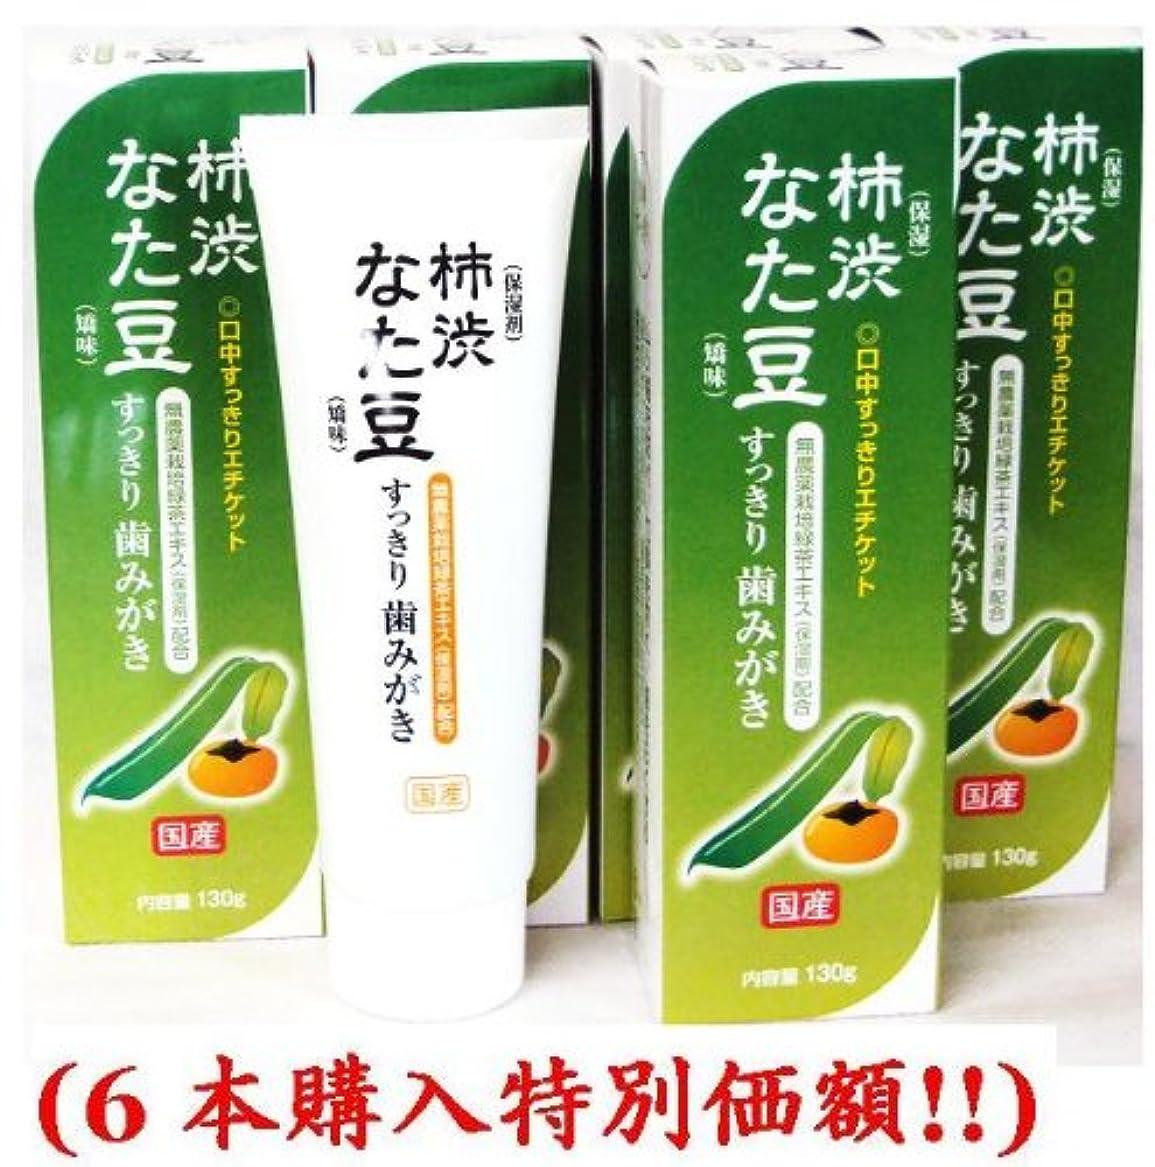 うそつき素晴らしいですズボンナタ豆柿渋歯みがき130g国産● 6個購入価額 !!